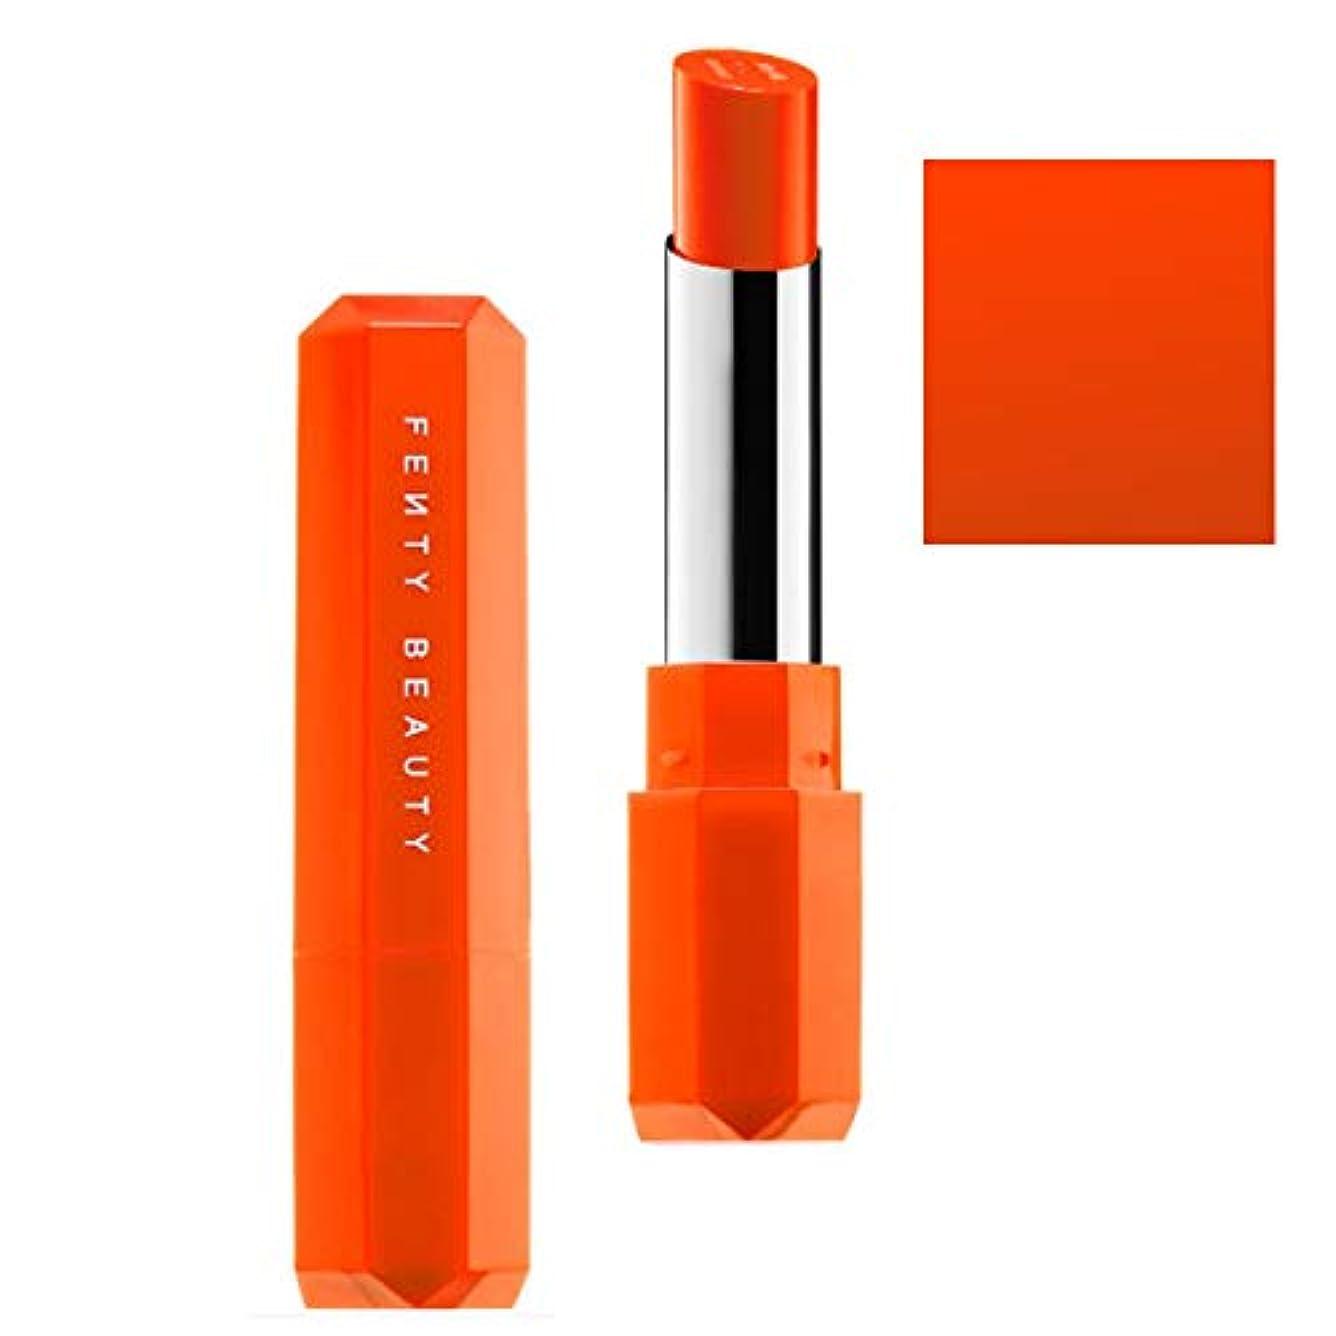 木曜日コンクリートプレゼンFENTY BEAUTY BY RIHANNA,New!!, 限定版 limited-edition, Poutsicle Juicy Satin Lipstick - Sun Snatched [海外直送品] [並行輸入品]